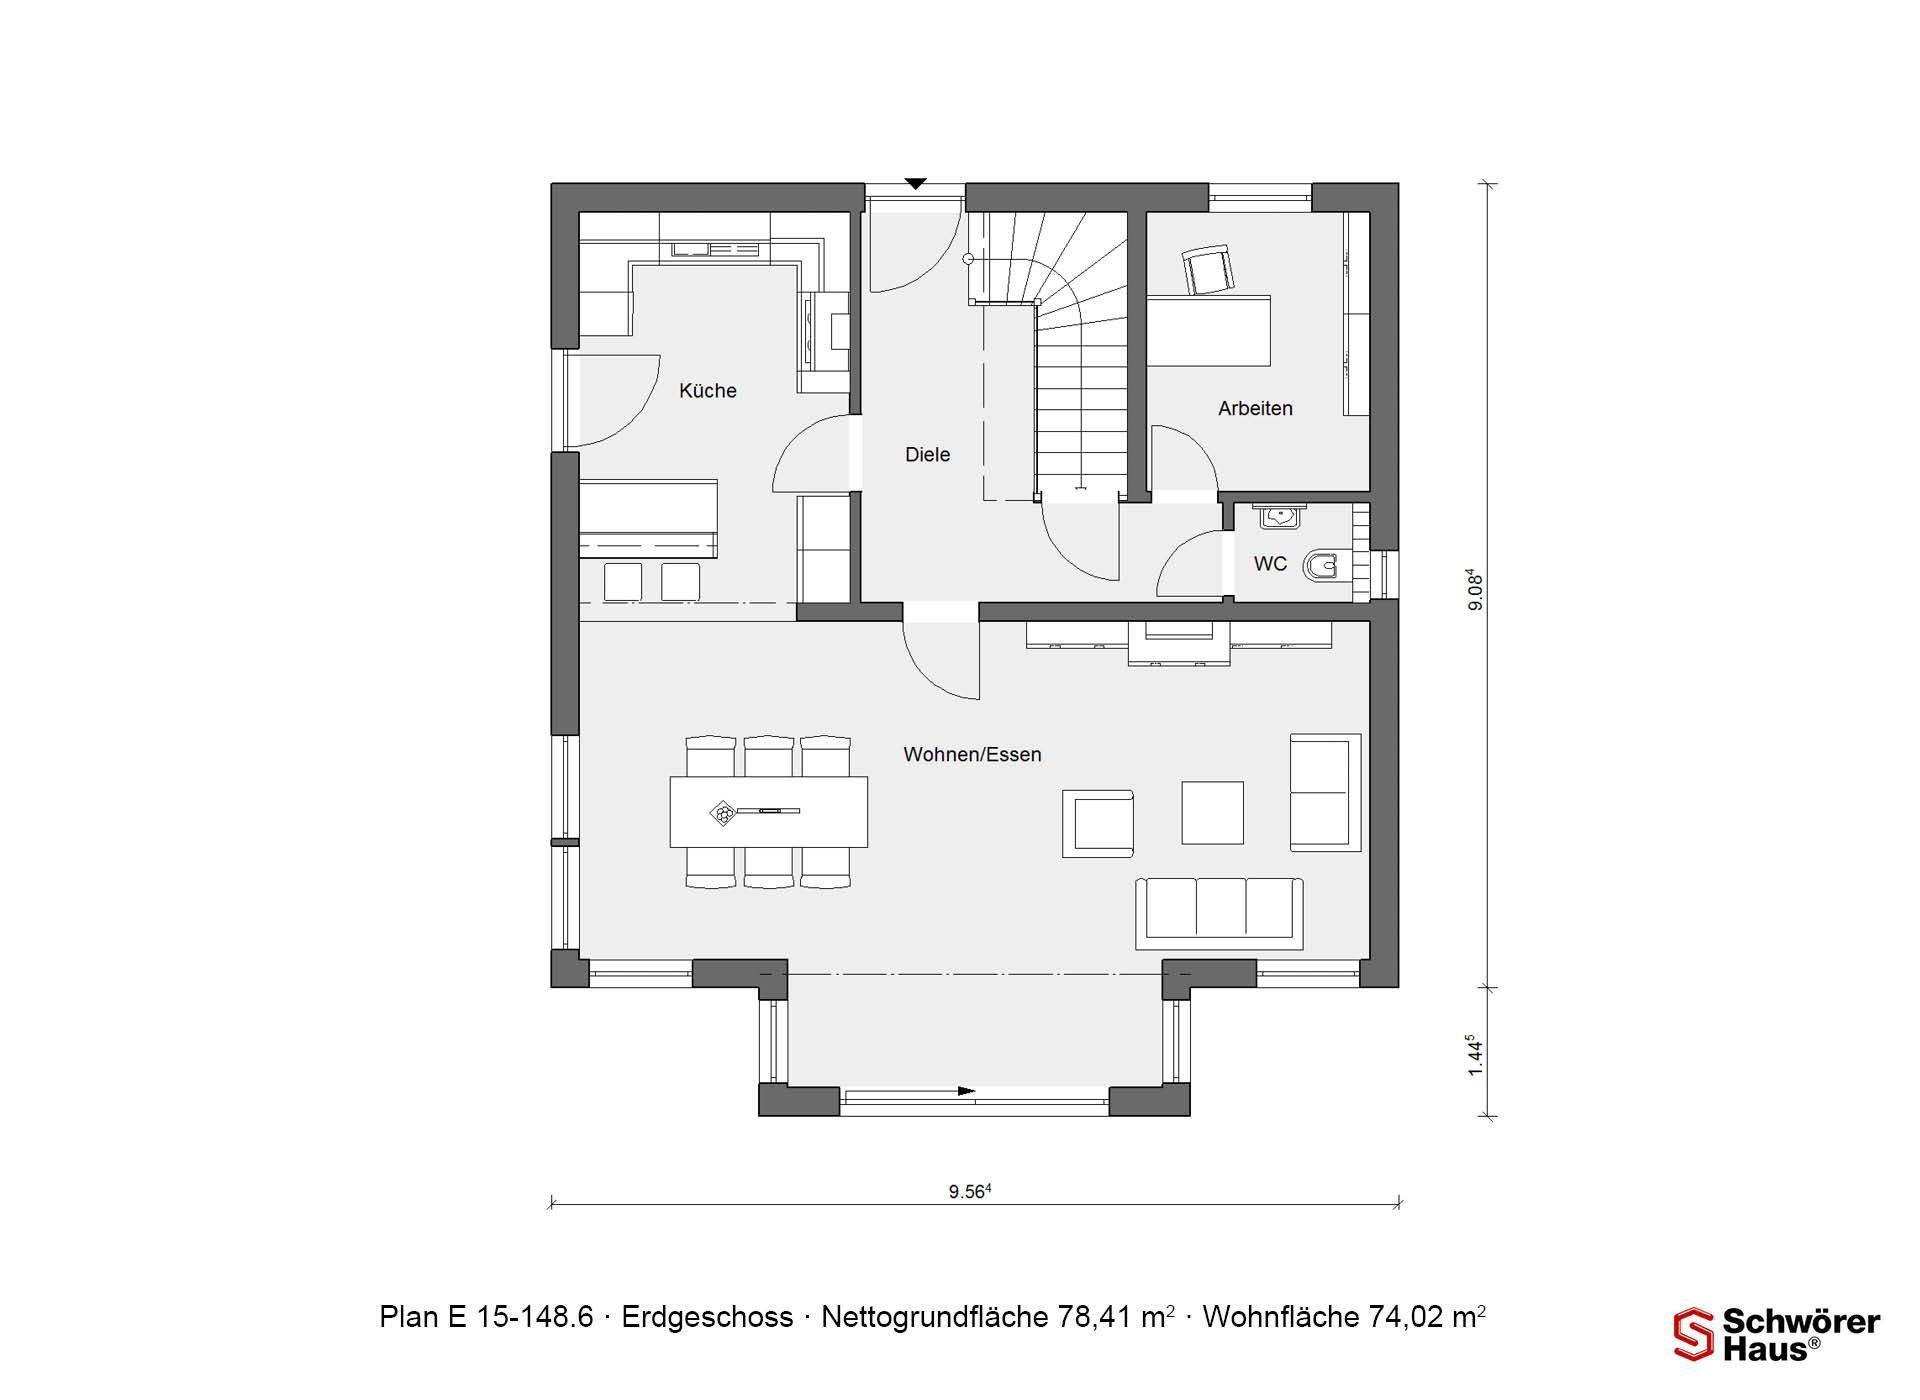 Musterhaus Offenburg - Eine Nahaufnahme von einem Logo - Gebäudeplan